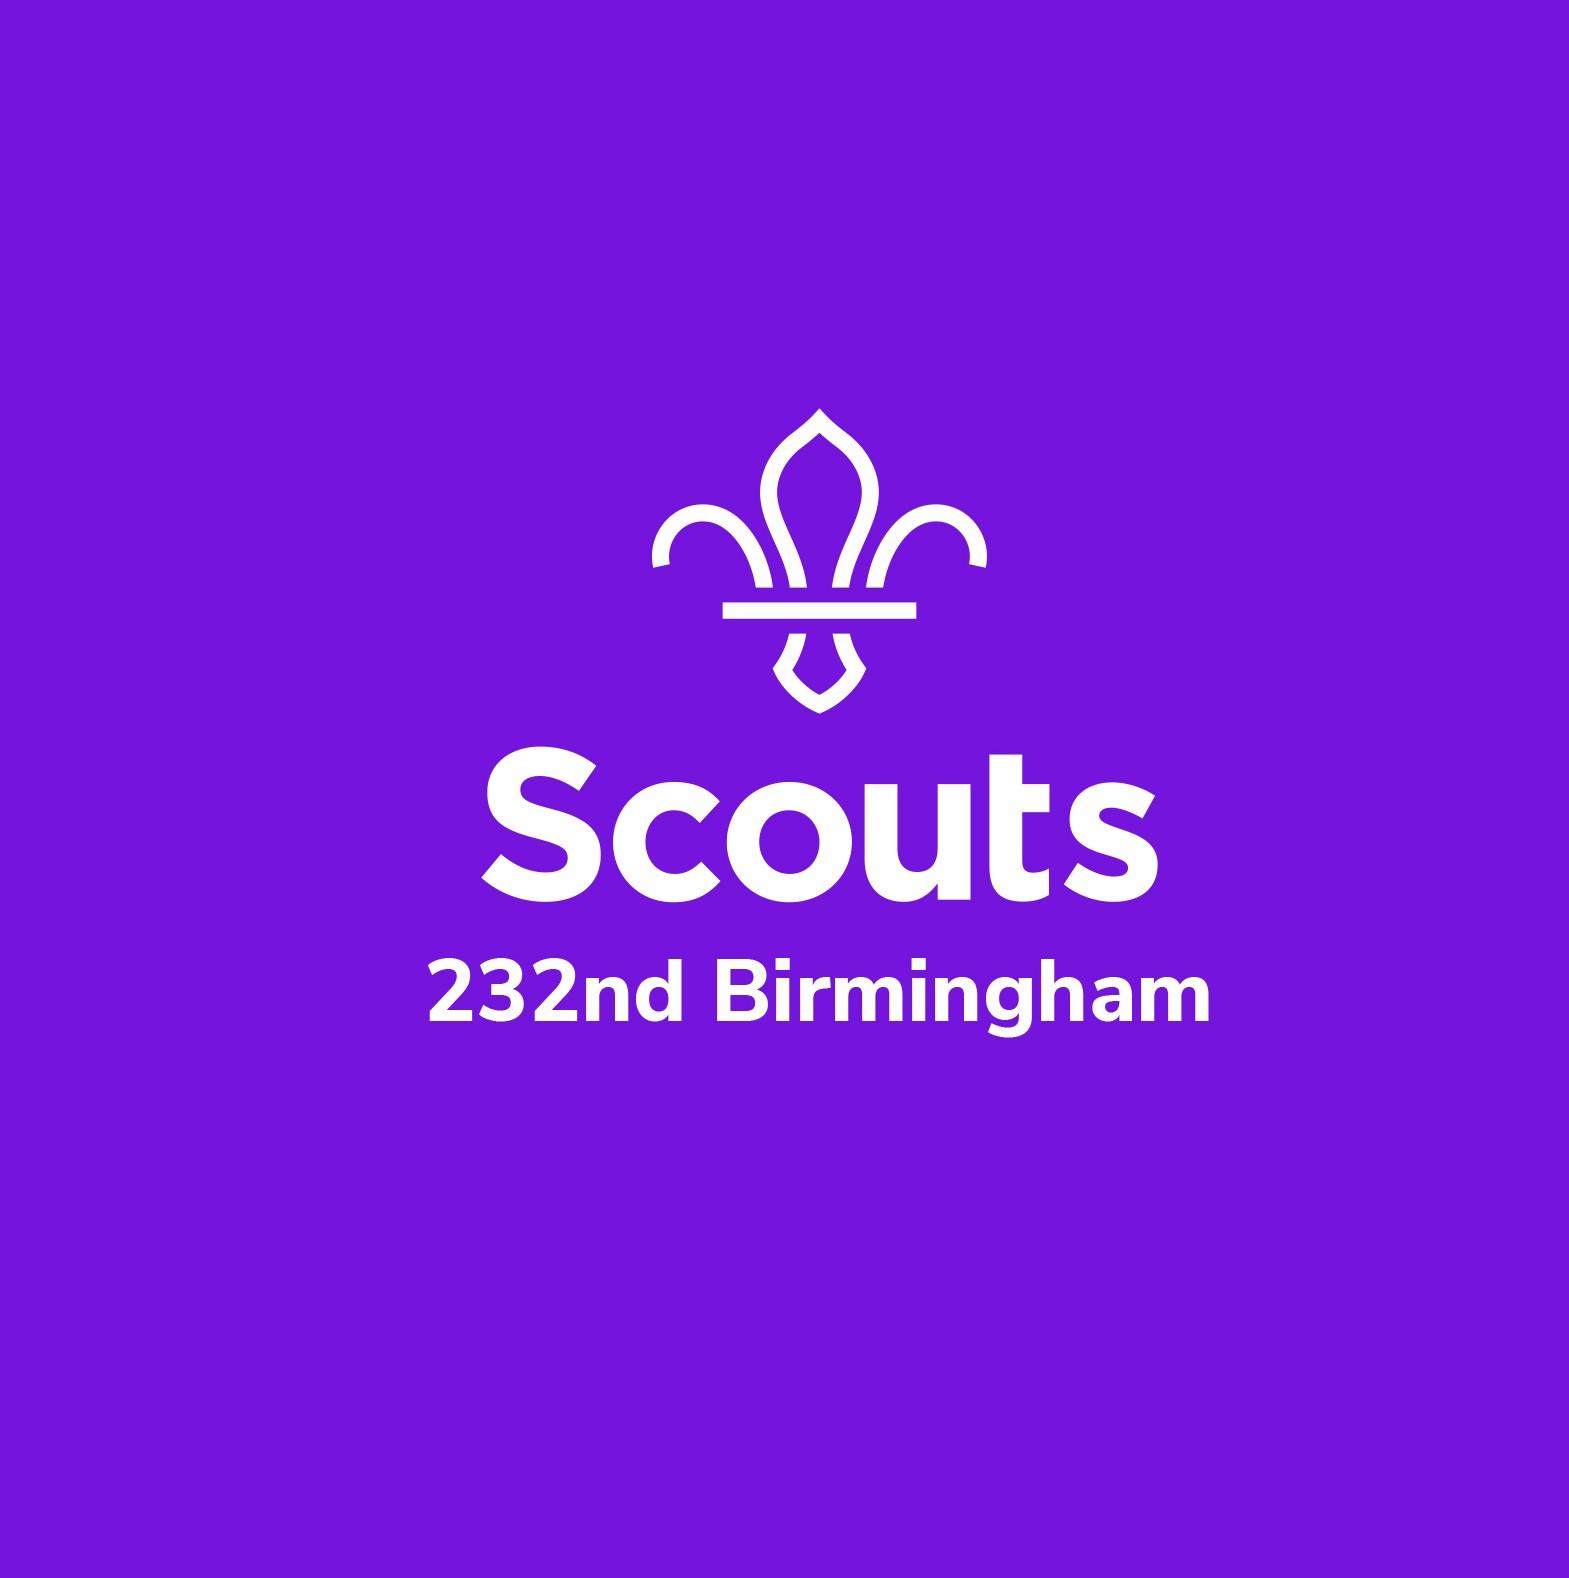 232 Birmingham Scout Group